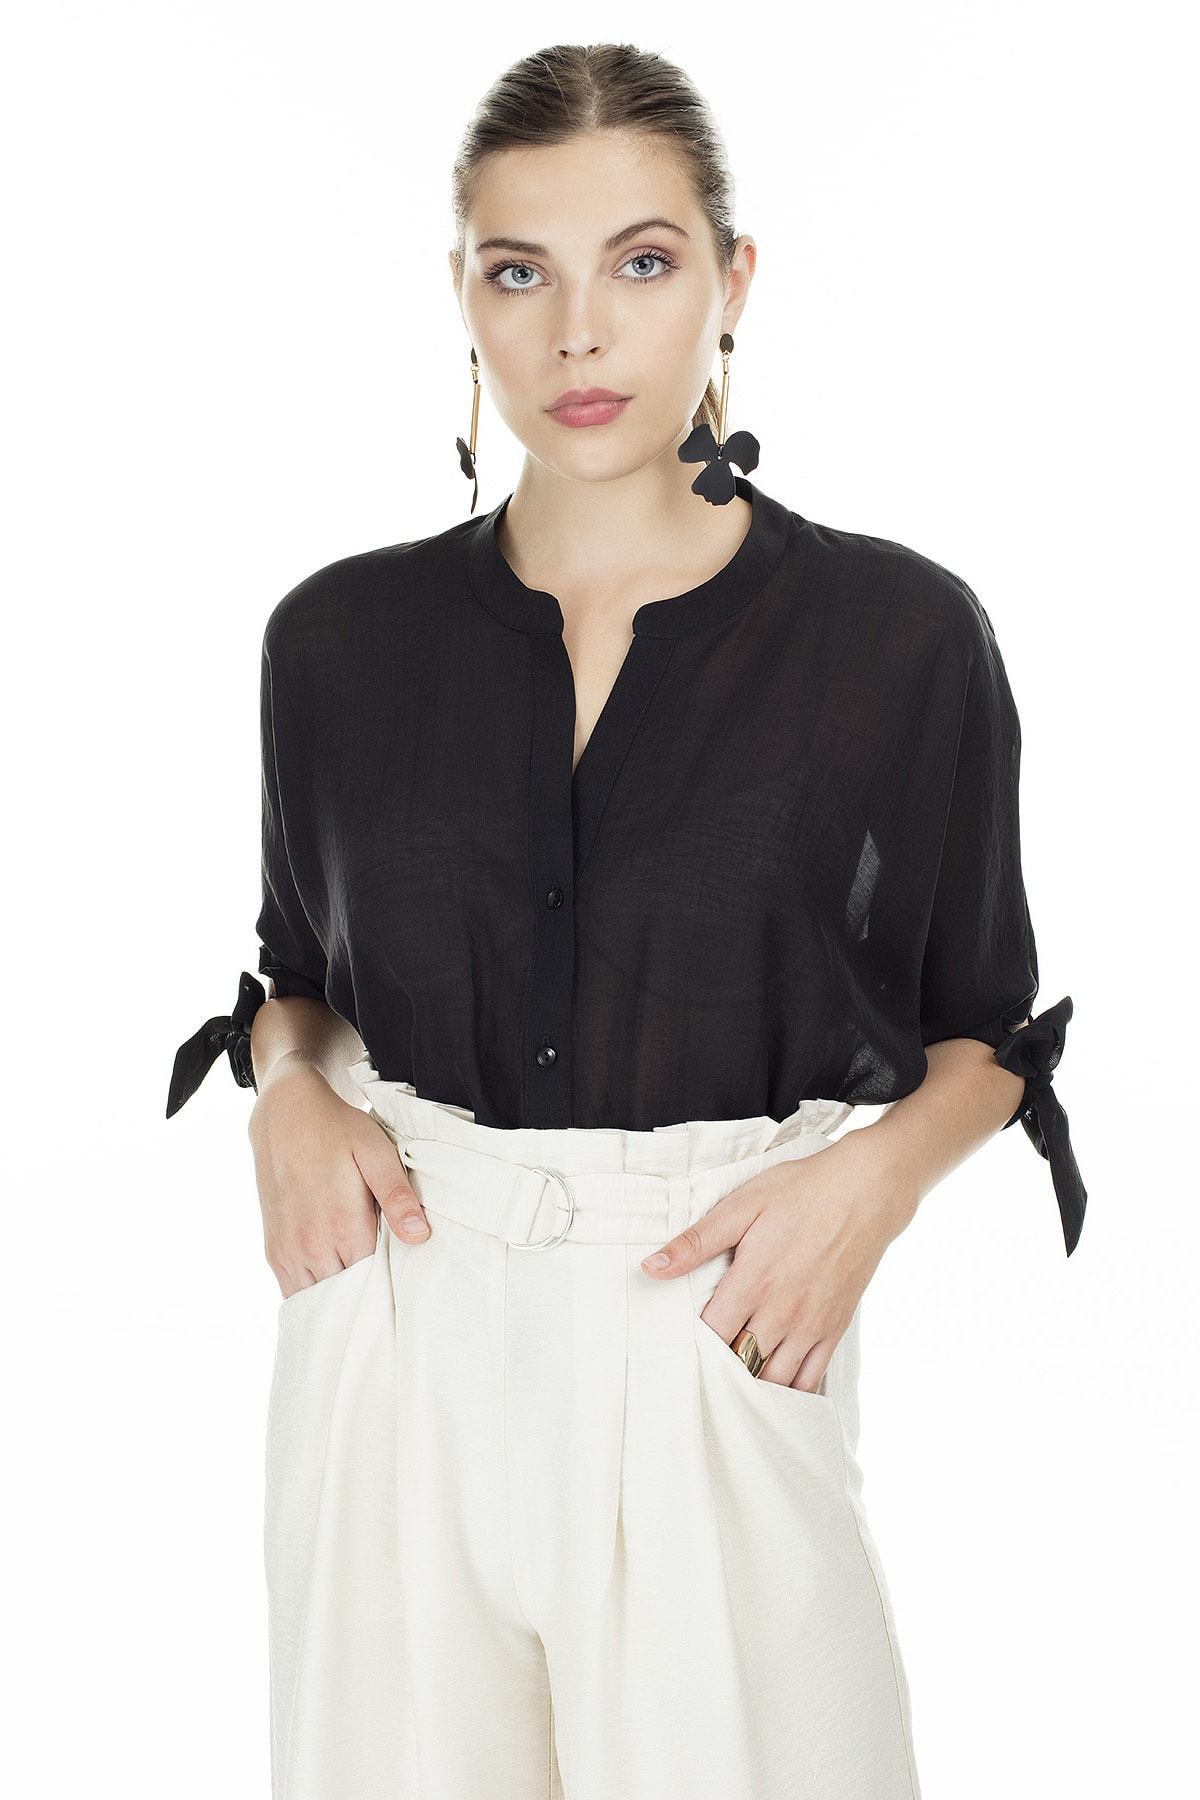 Ayhan Siyah V Yaka Bağlama Detaylı Bluz Kadın Bluz 04681399